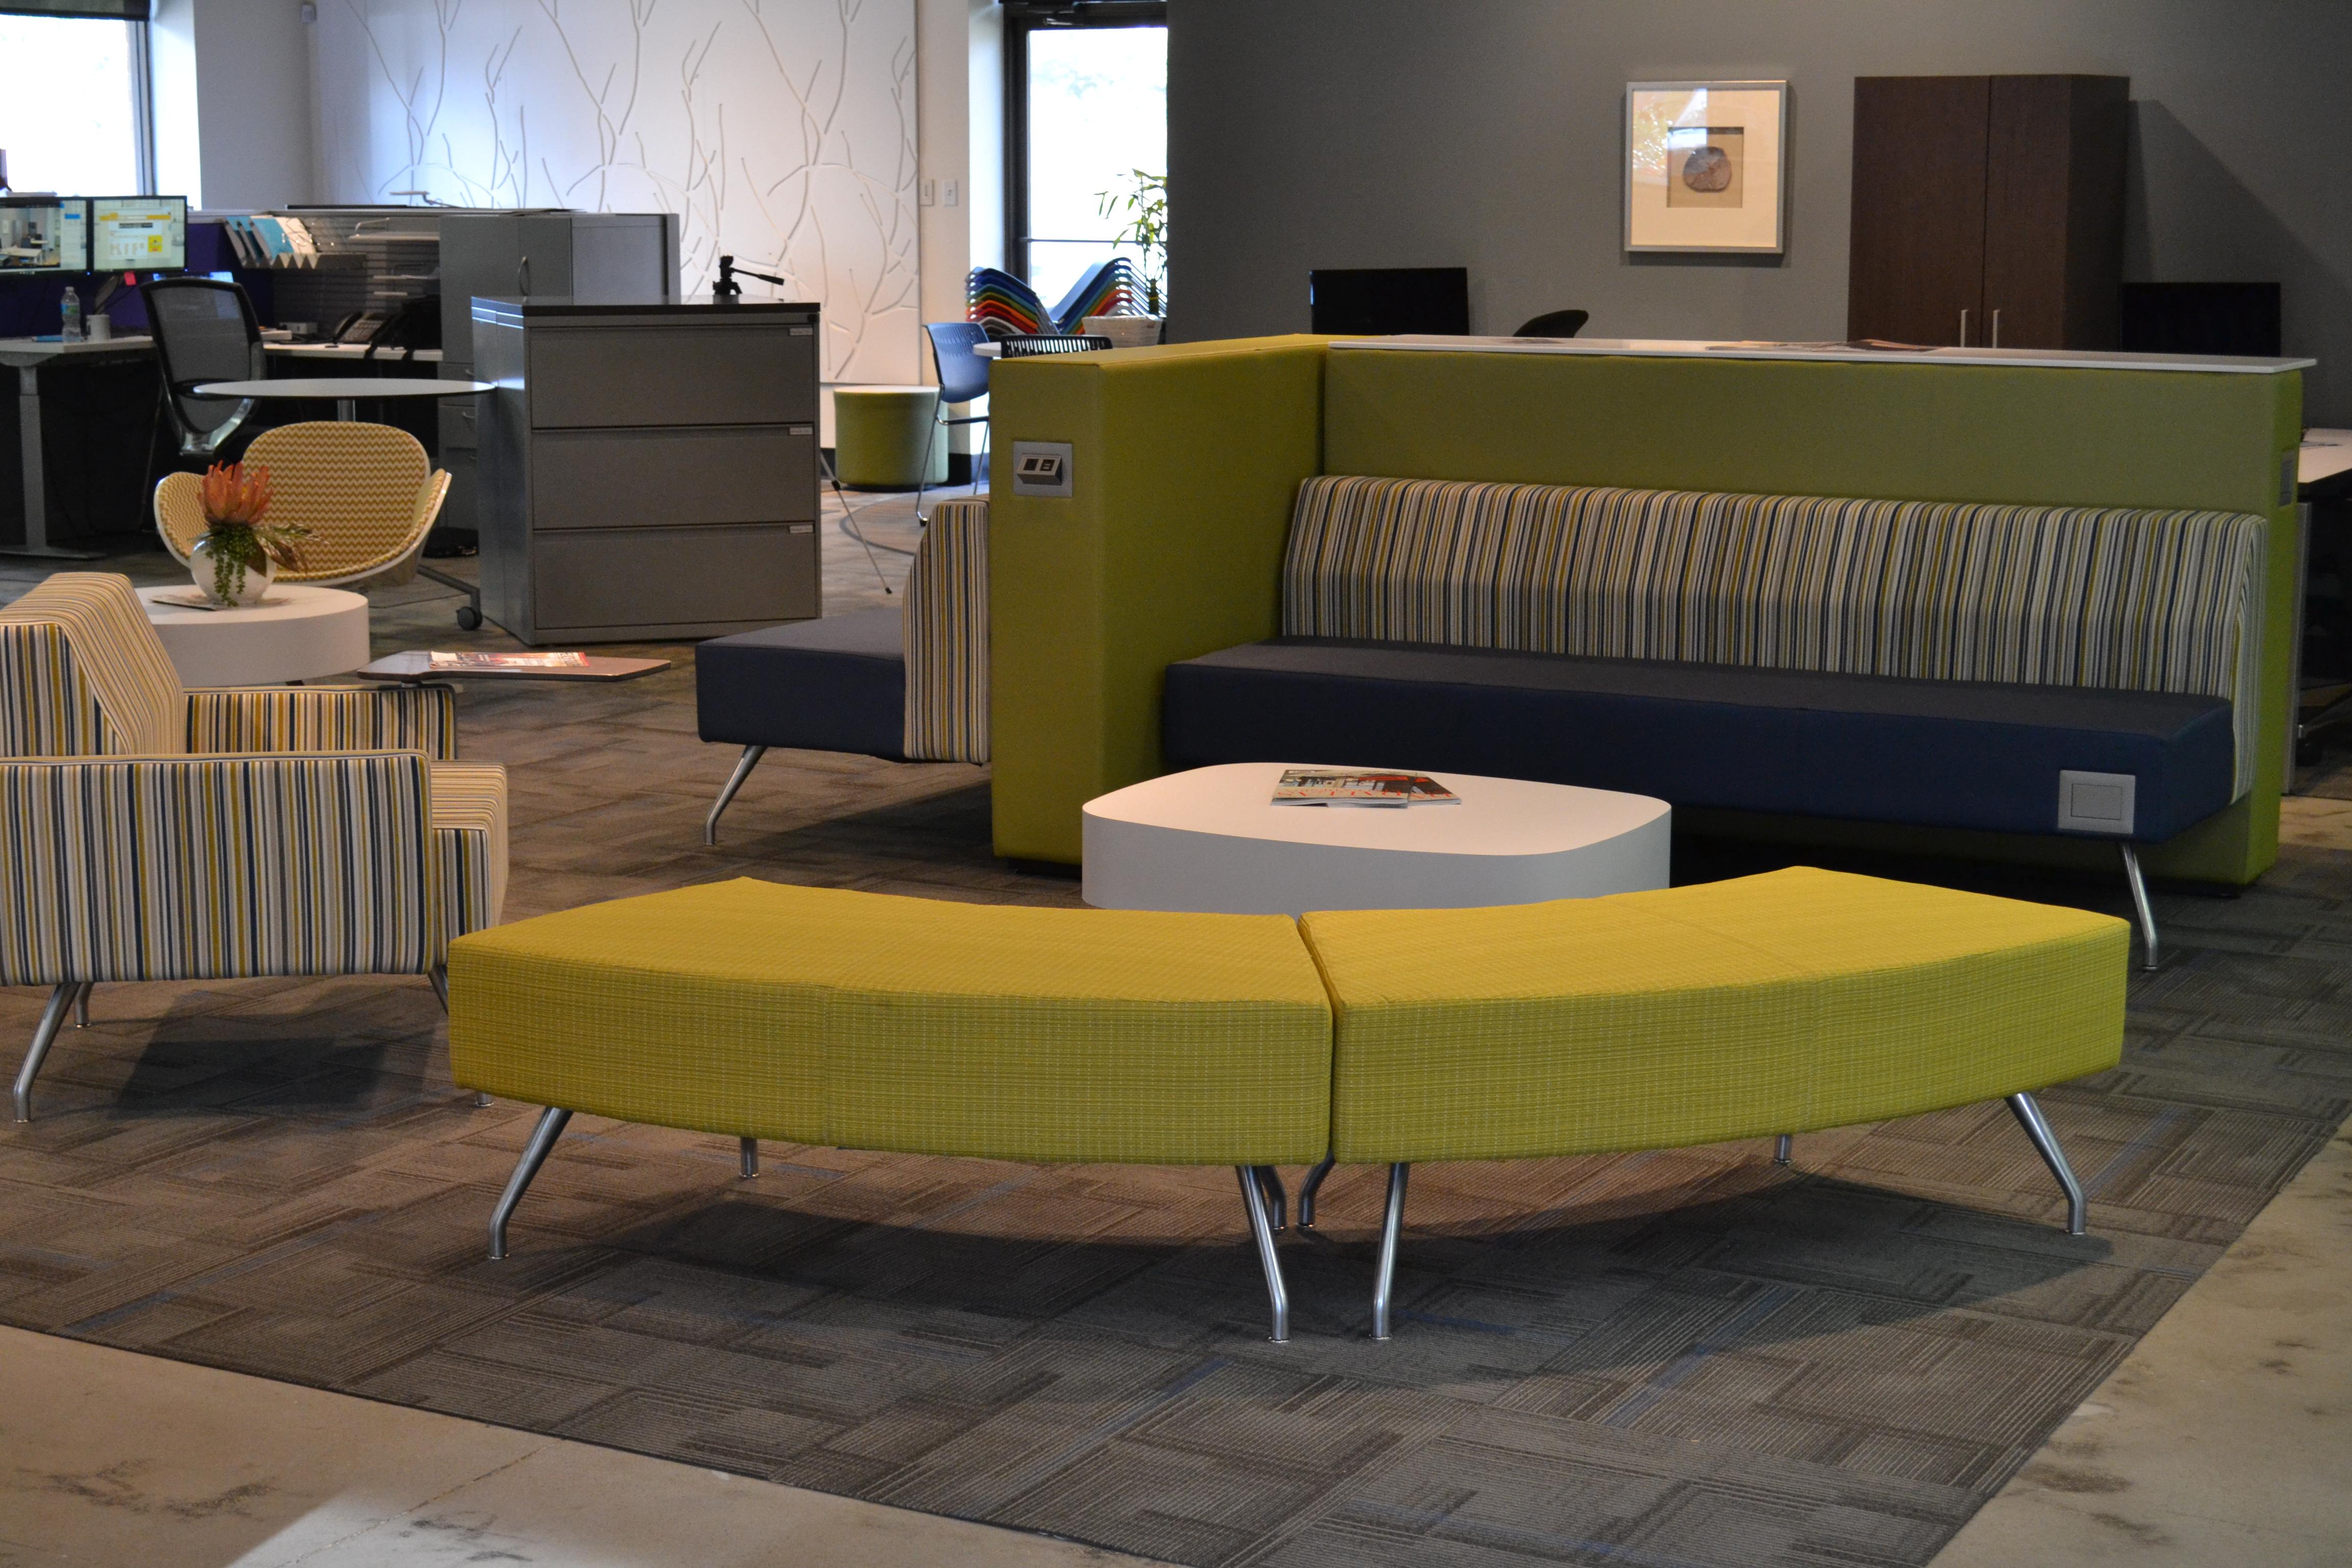 Interior Resources Furniture Store Dallas Tx 75207